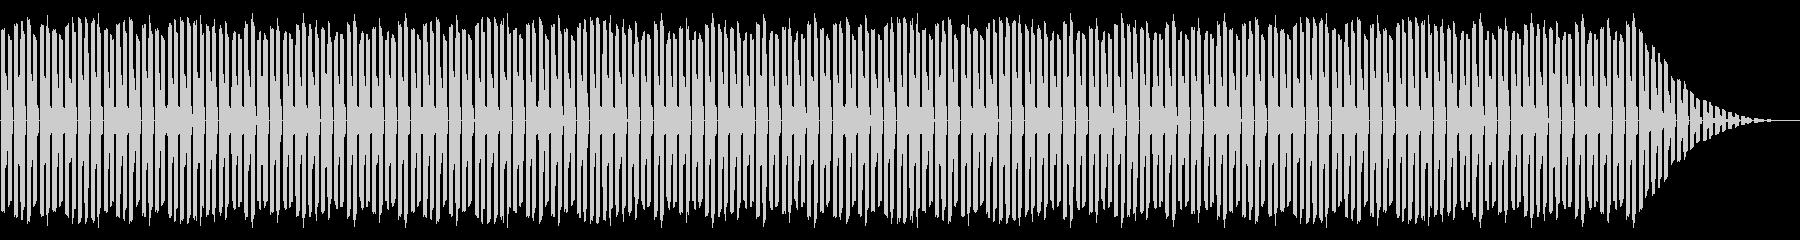 NES RPG A08-1(バトル2) の未再生の波形